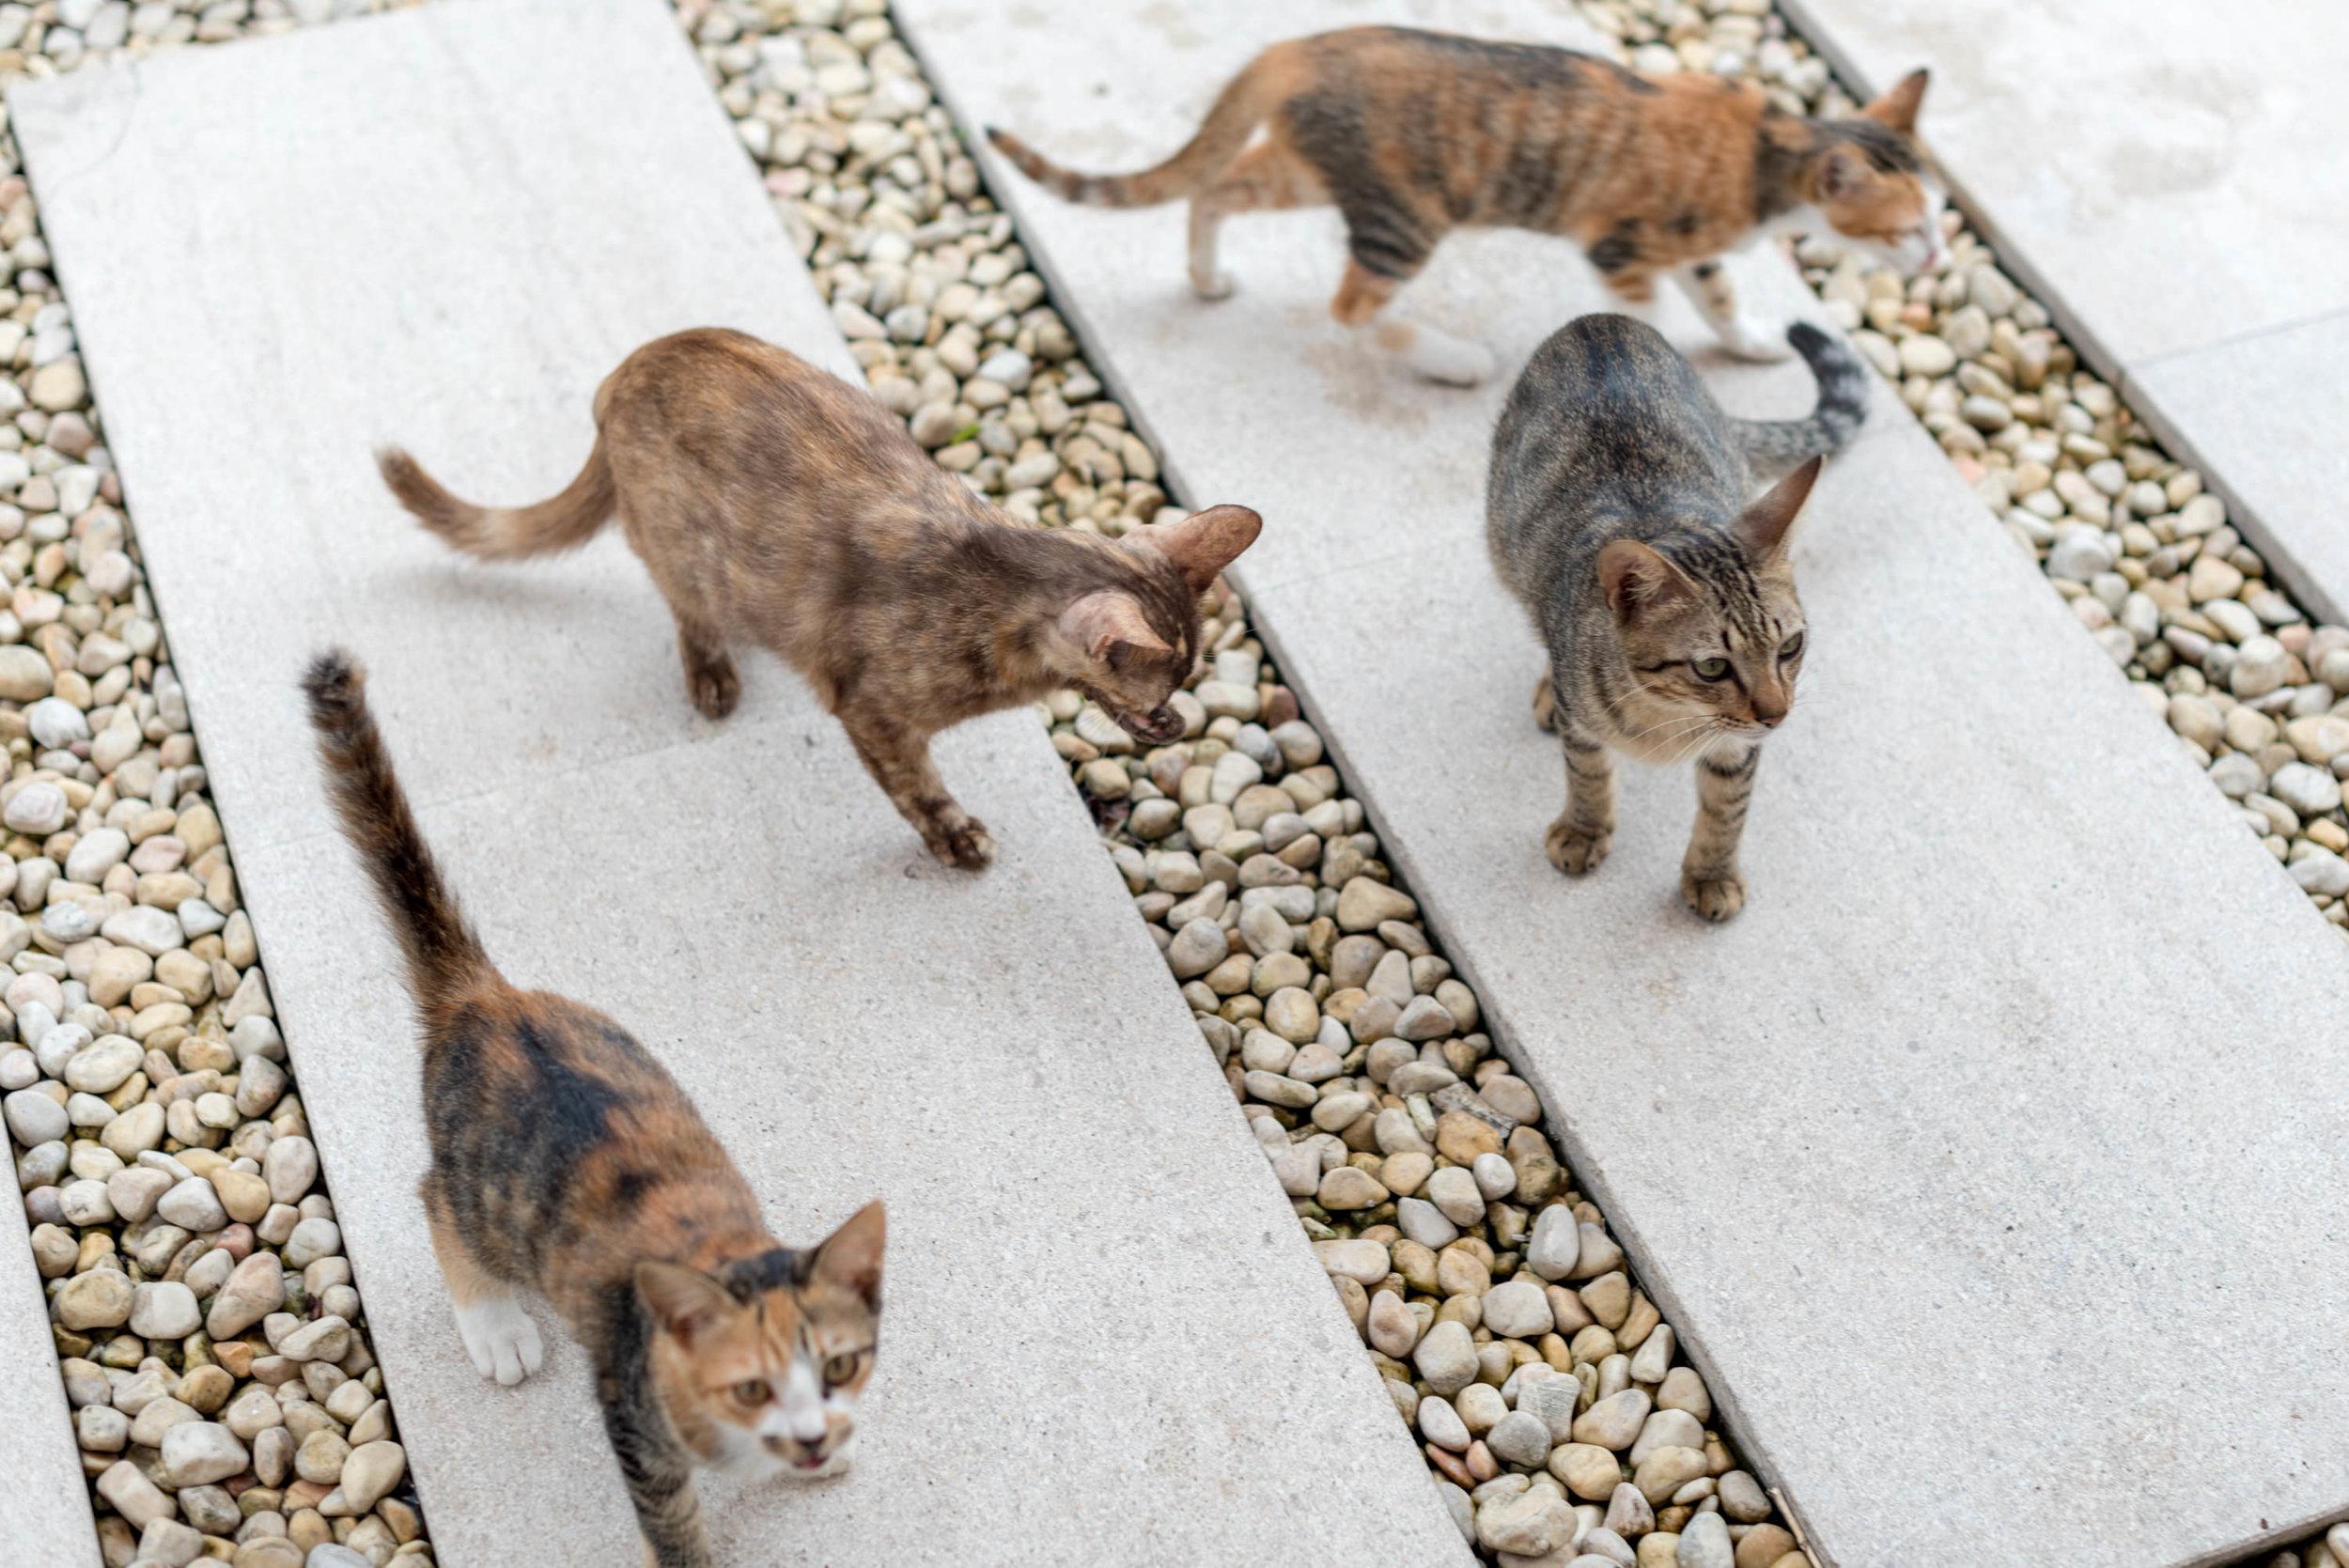 Outdoor Seating Area and Kittens  Regency Club - Hyatt Regency Danang Resort and Spa